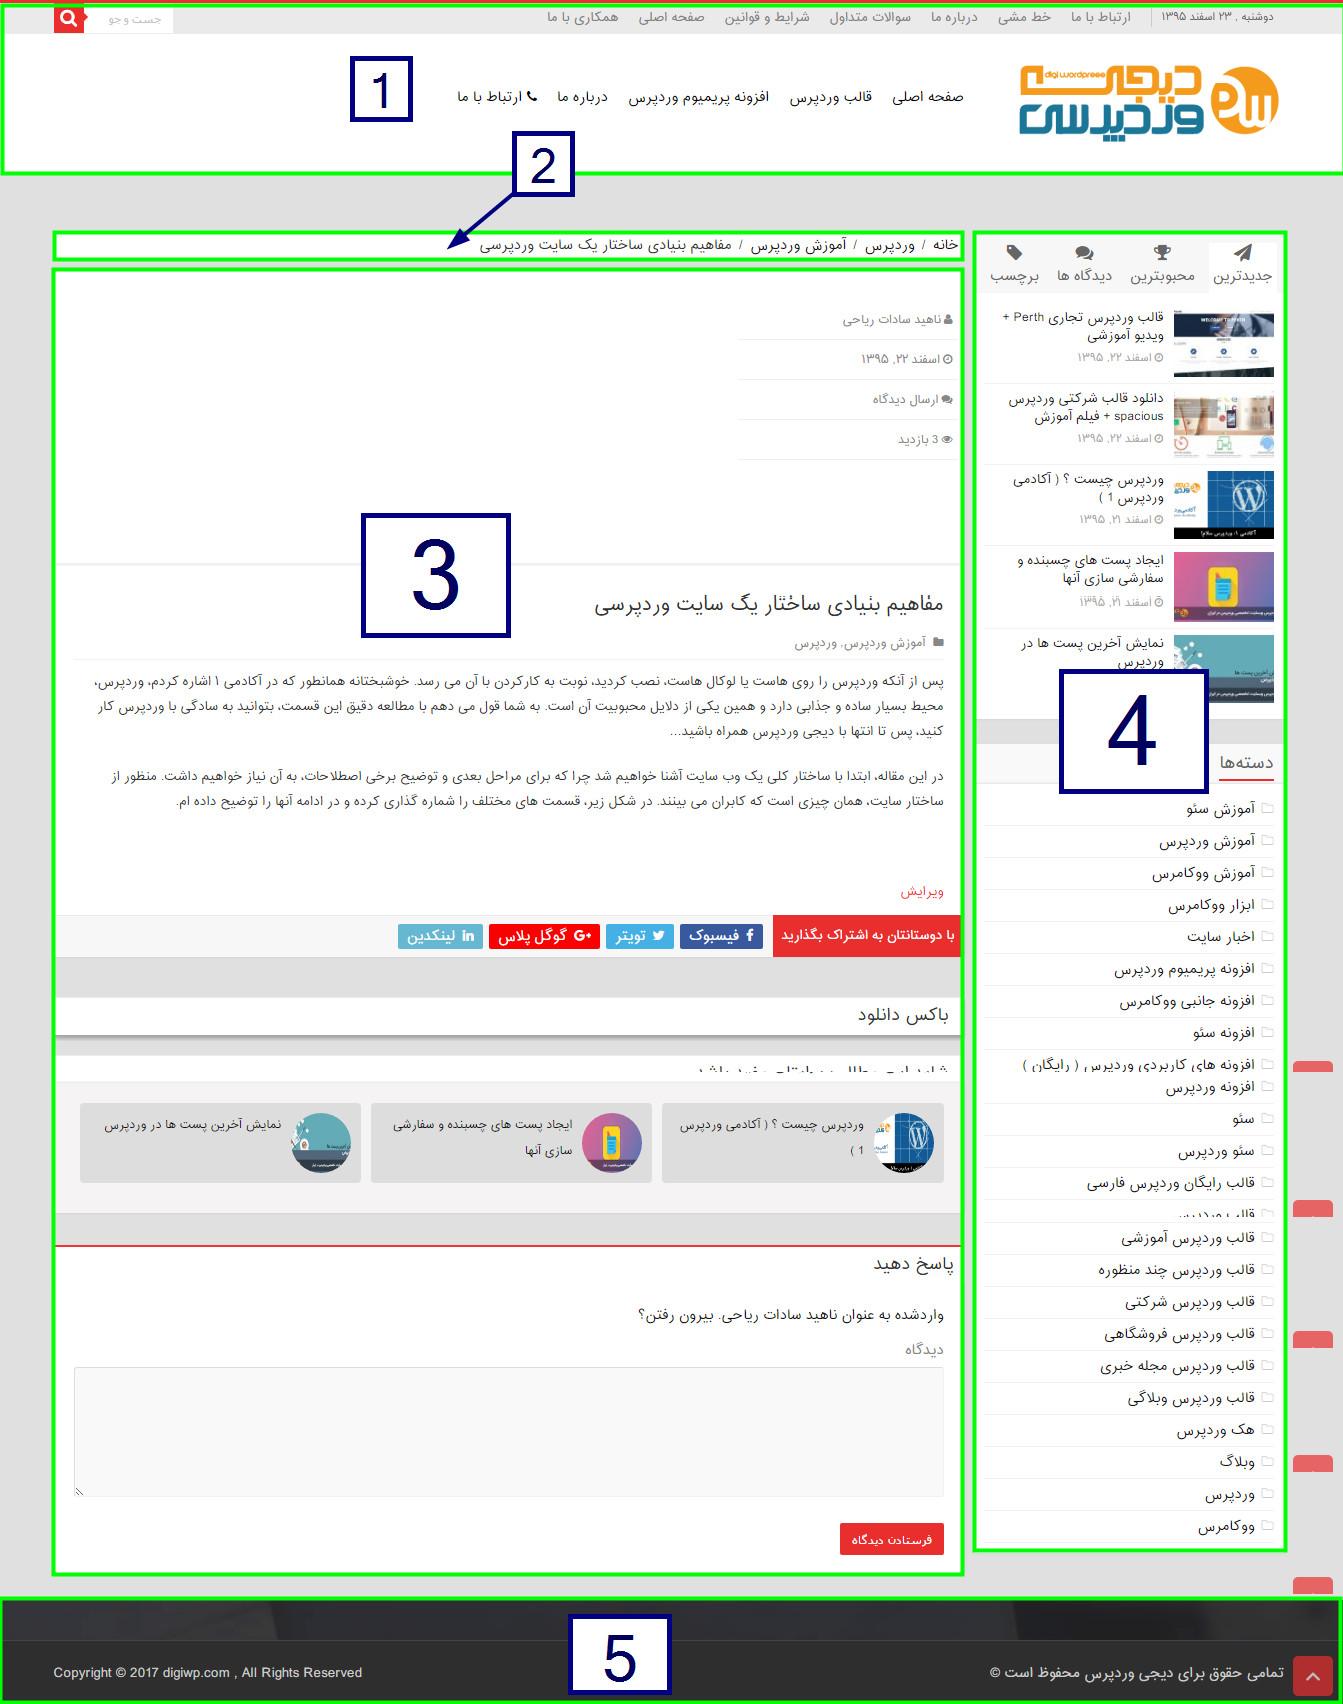 مفاهیم بنیادی ساختار یک سایت وردپرسی